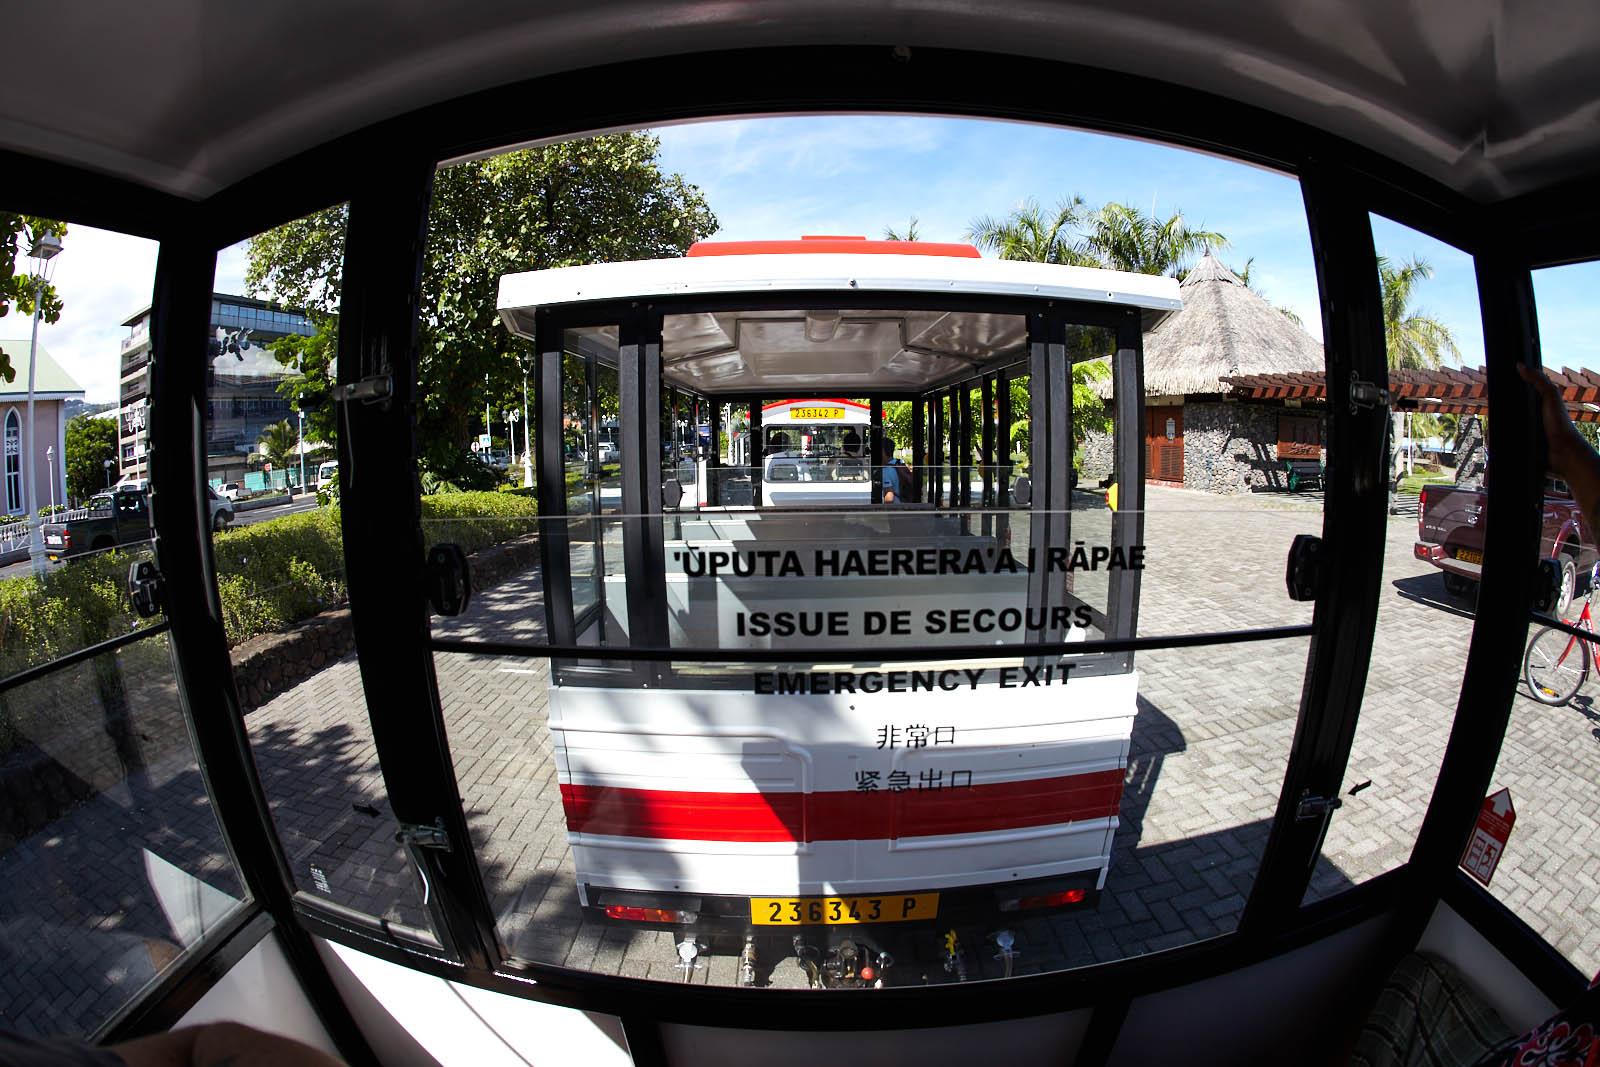 Cette excursion de Papeete utilise un petit train routier avec des wagons fermés.